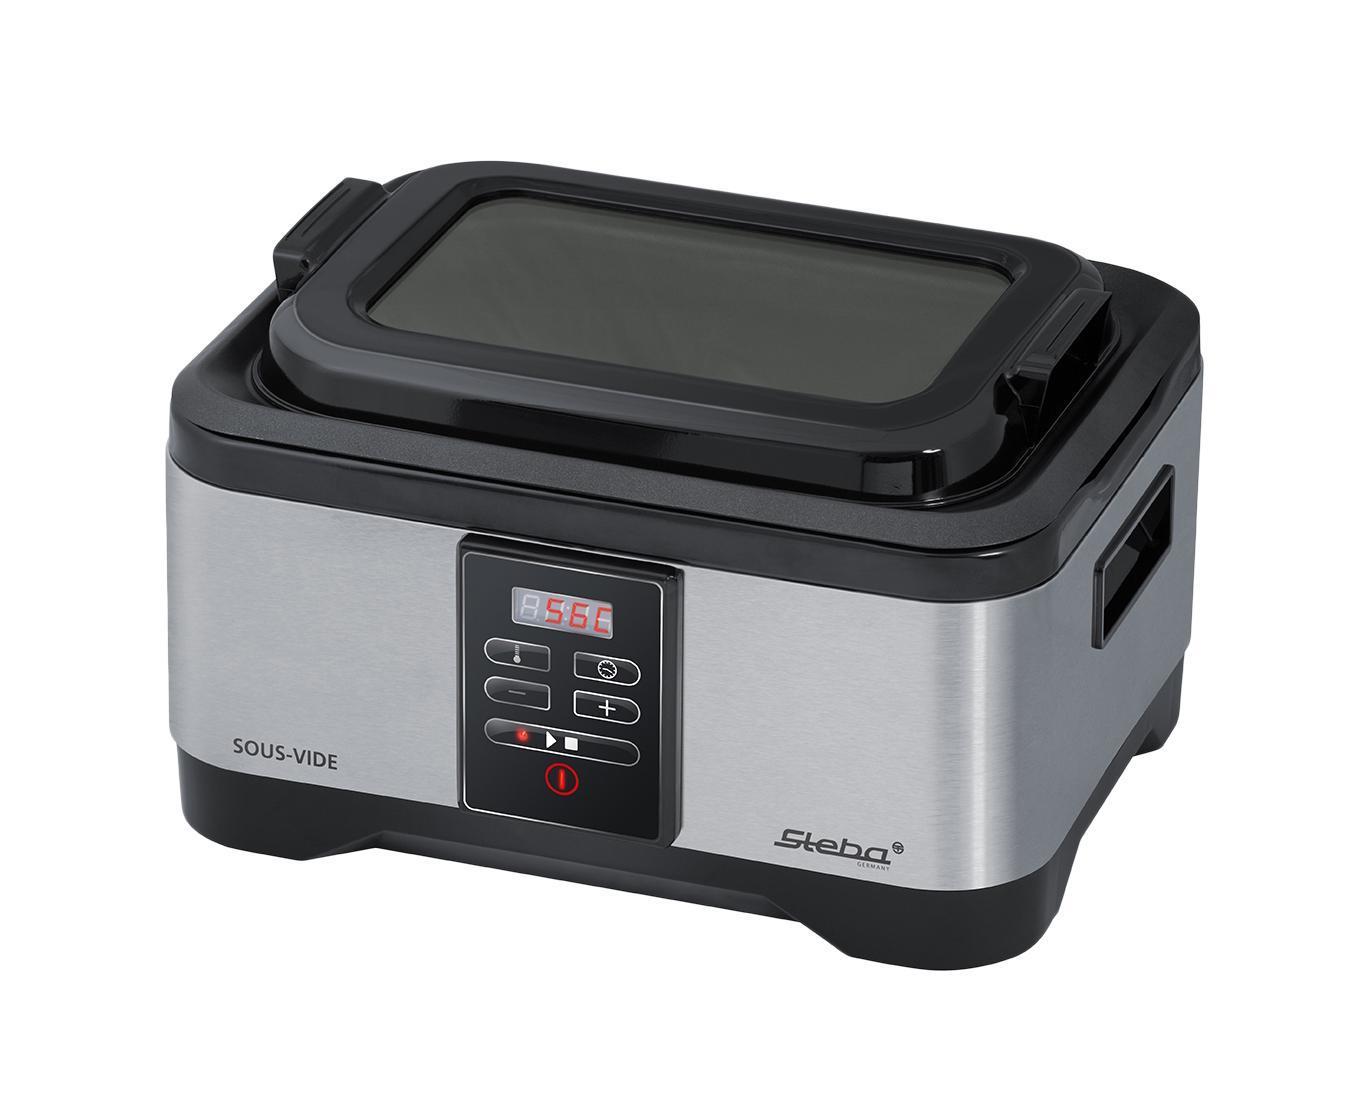 Steba Sous Vide SV 1 устройство для приготовления методом су видSV 1 grayСу вид - это уникальная технология приготовления еды, которая позволяет превратить любое блюдо в настоящий кулинарный шедевр. И самое главное - от Вас потребуется минимум усилий!Суть технологии заключается в следующем: пища помещается в специальный полиэтиленовый пакет и герметично запаковывается. Затем пакет кладут в воду при заданной температуре (ниже температуры кипения). Sous-vide (/ су: ви:д /; по-французски - в вакууме) является методом приготовления пищи, запечатанной в герметичный пластиковый мешок, на водяной бане дольше, чем обычное время приготовления - до 72 часов в некоторых случаях - с точным регулированием температуры значительно ниже, чем обычно используется для приготовления пищи, как правило, около 55° C до 60° C для мяса и немного выше для овощей. Цель состоит в том, чтобы готовить продукт равномерно, не пережаривая, а также сохраняя внутри одну и ту же степень готовности, сохраняя сочность. По сравнению с традиционными методами варки герметизация пищи в пластиковые пакеты сохраняет сок и аромат, которые могли бы быть потеряны в процессе приготовления. Путем помещения еды в определенную желаемую температуру воды в ванне можно избежать переваривания, потому что еда не может получиться горячее, чем вода в ванне. При обычной высоко-температурной жарке, варке или запекании в духовке или гриле, пища подвергается воздействию тепла по уровню много выше, чем желаемая внутренняя температура приготовления, пища должна быть удалена от высоких температур при достижении необходимой температуры приготовления. Если пища удаляется от жара слишком поздно, происходит переготовка, а если она будет удалена слишком рано, - будет недоготовлена. В результате точного контроля температуры воды в ванне а также потому что температура в ванне такая же, как желаемая температура приготовления пищи, может быть достигнуто очень точное контролирование приготовления пищи. Кроме того, при приготовления пищи су